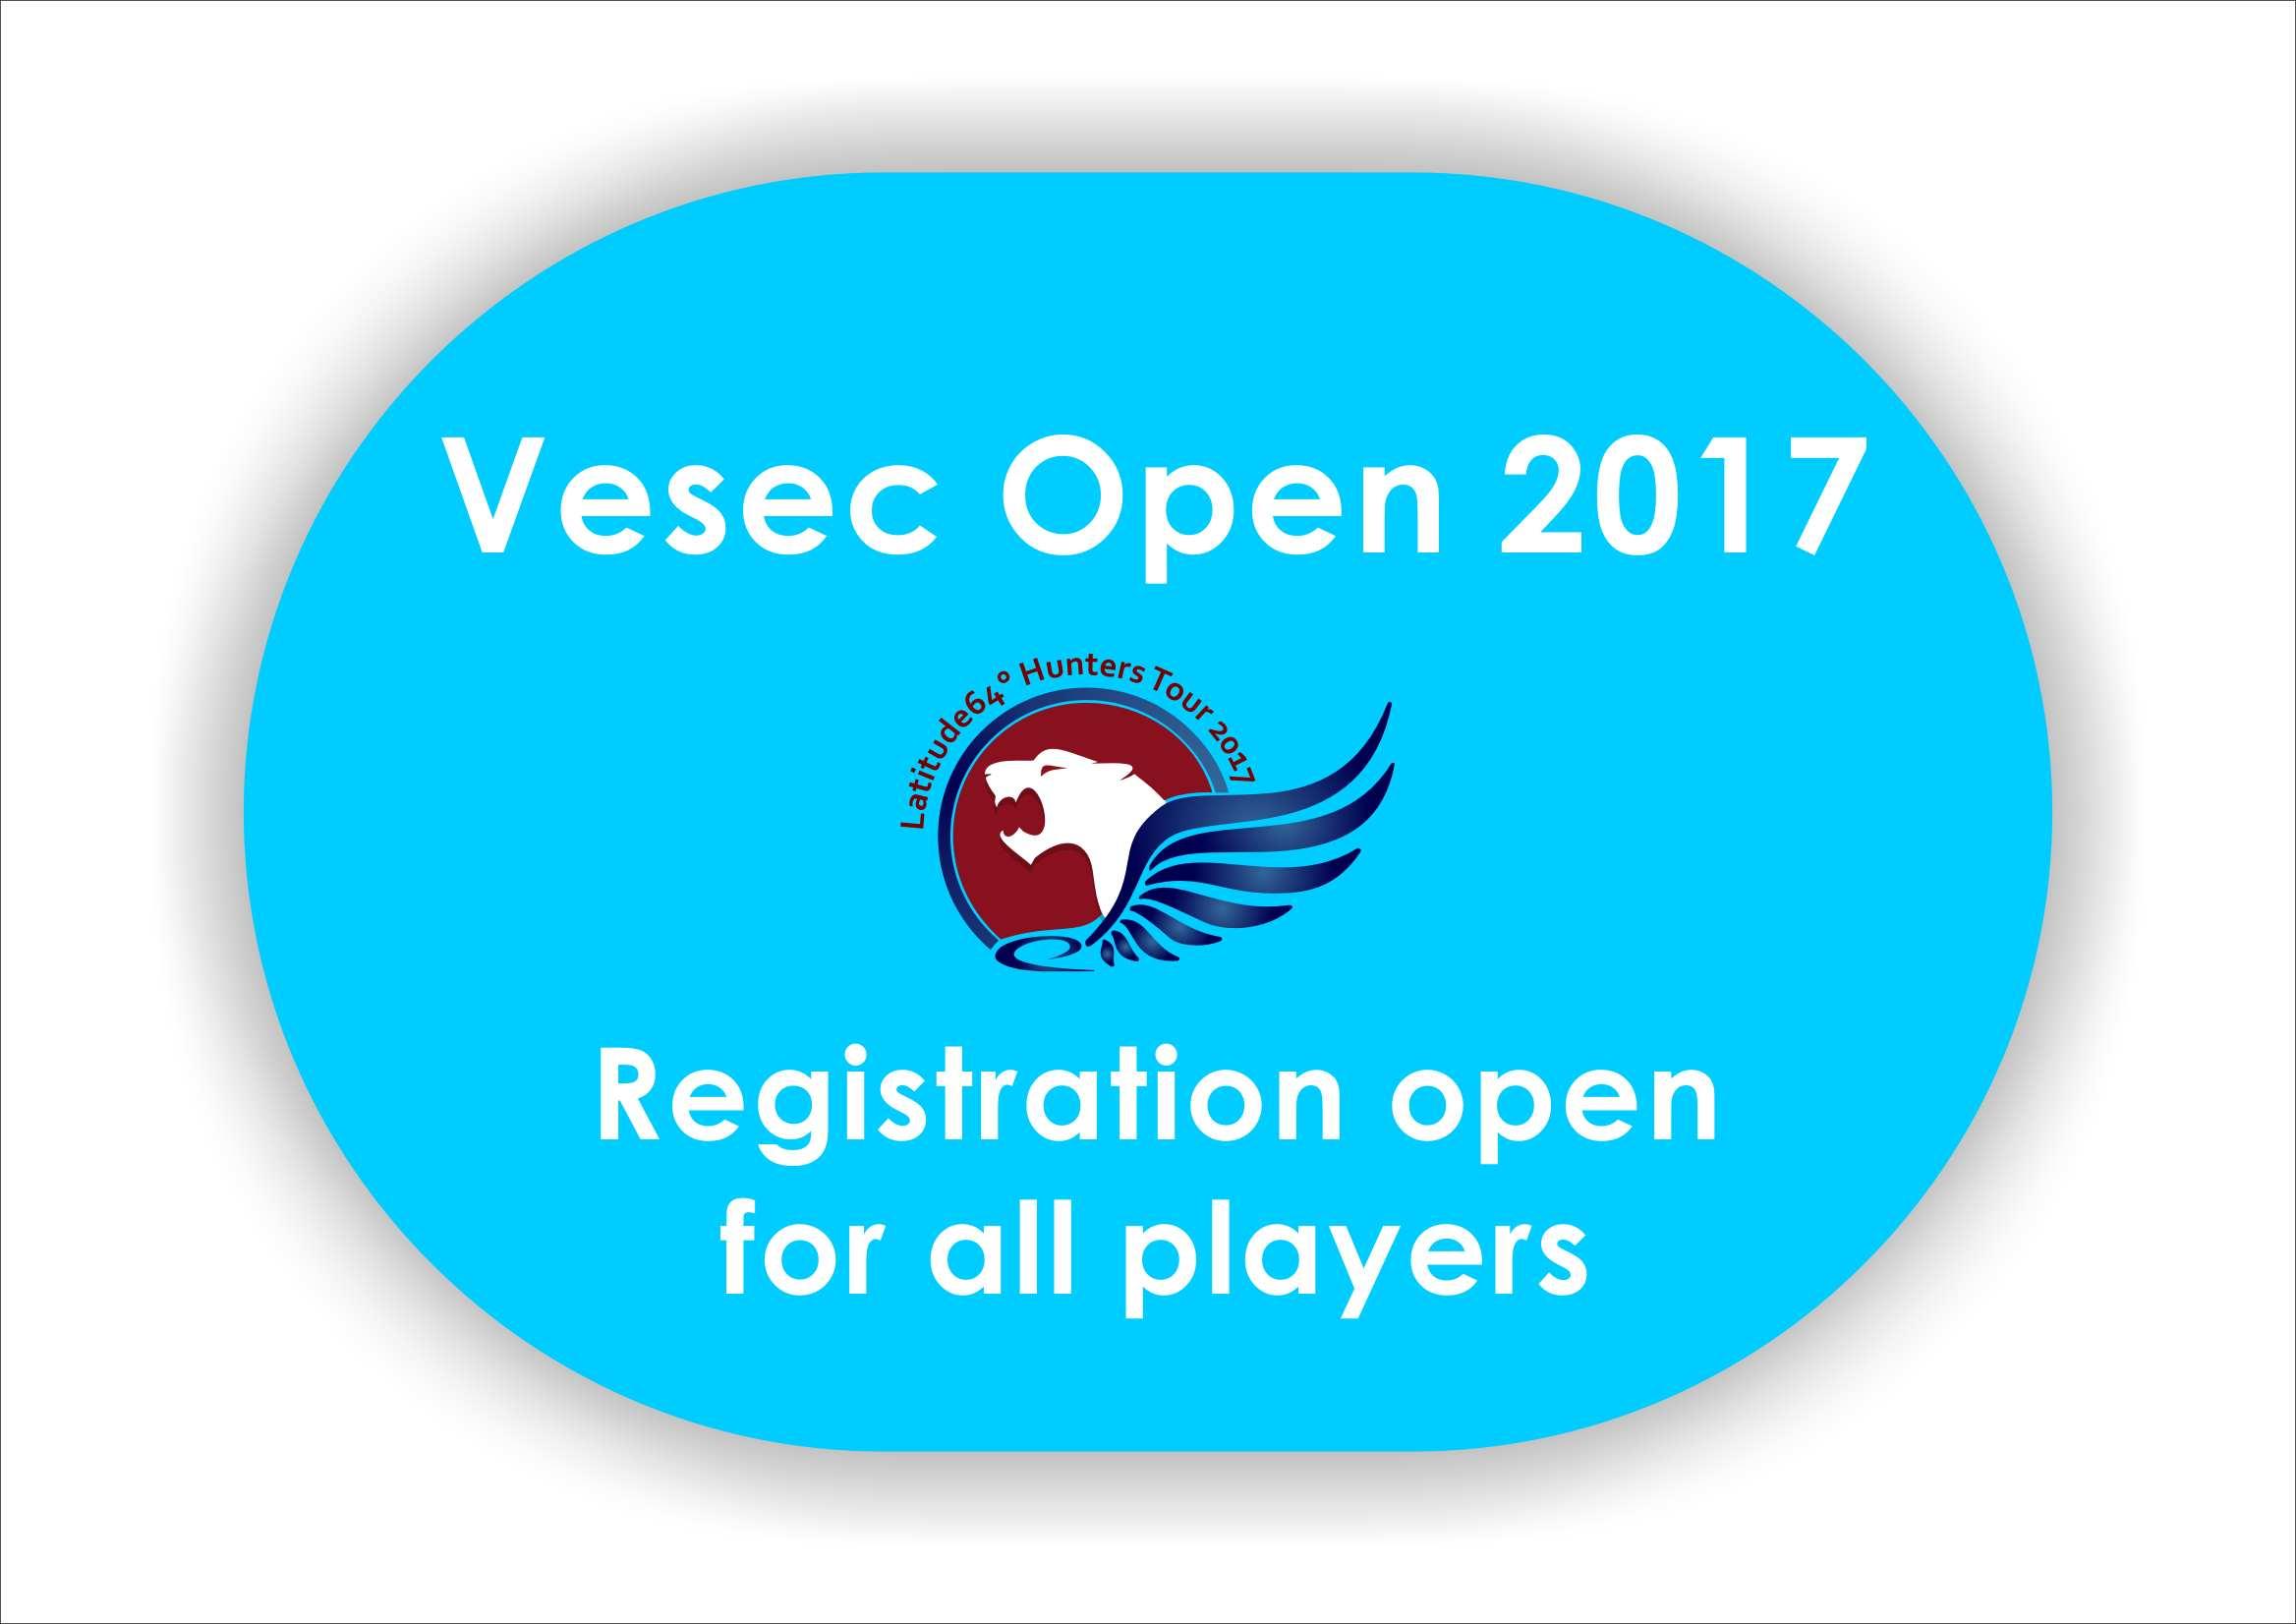 Registrace na Vesec Open již otevřena pro všechny